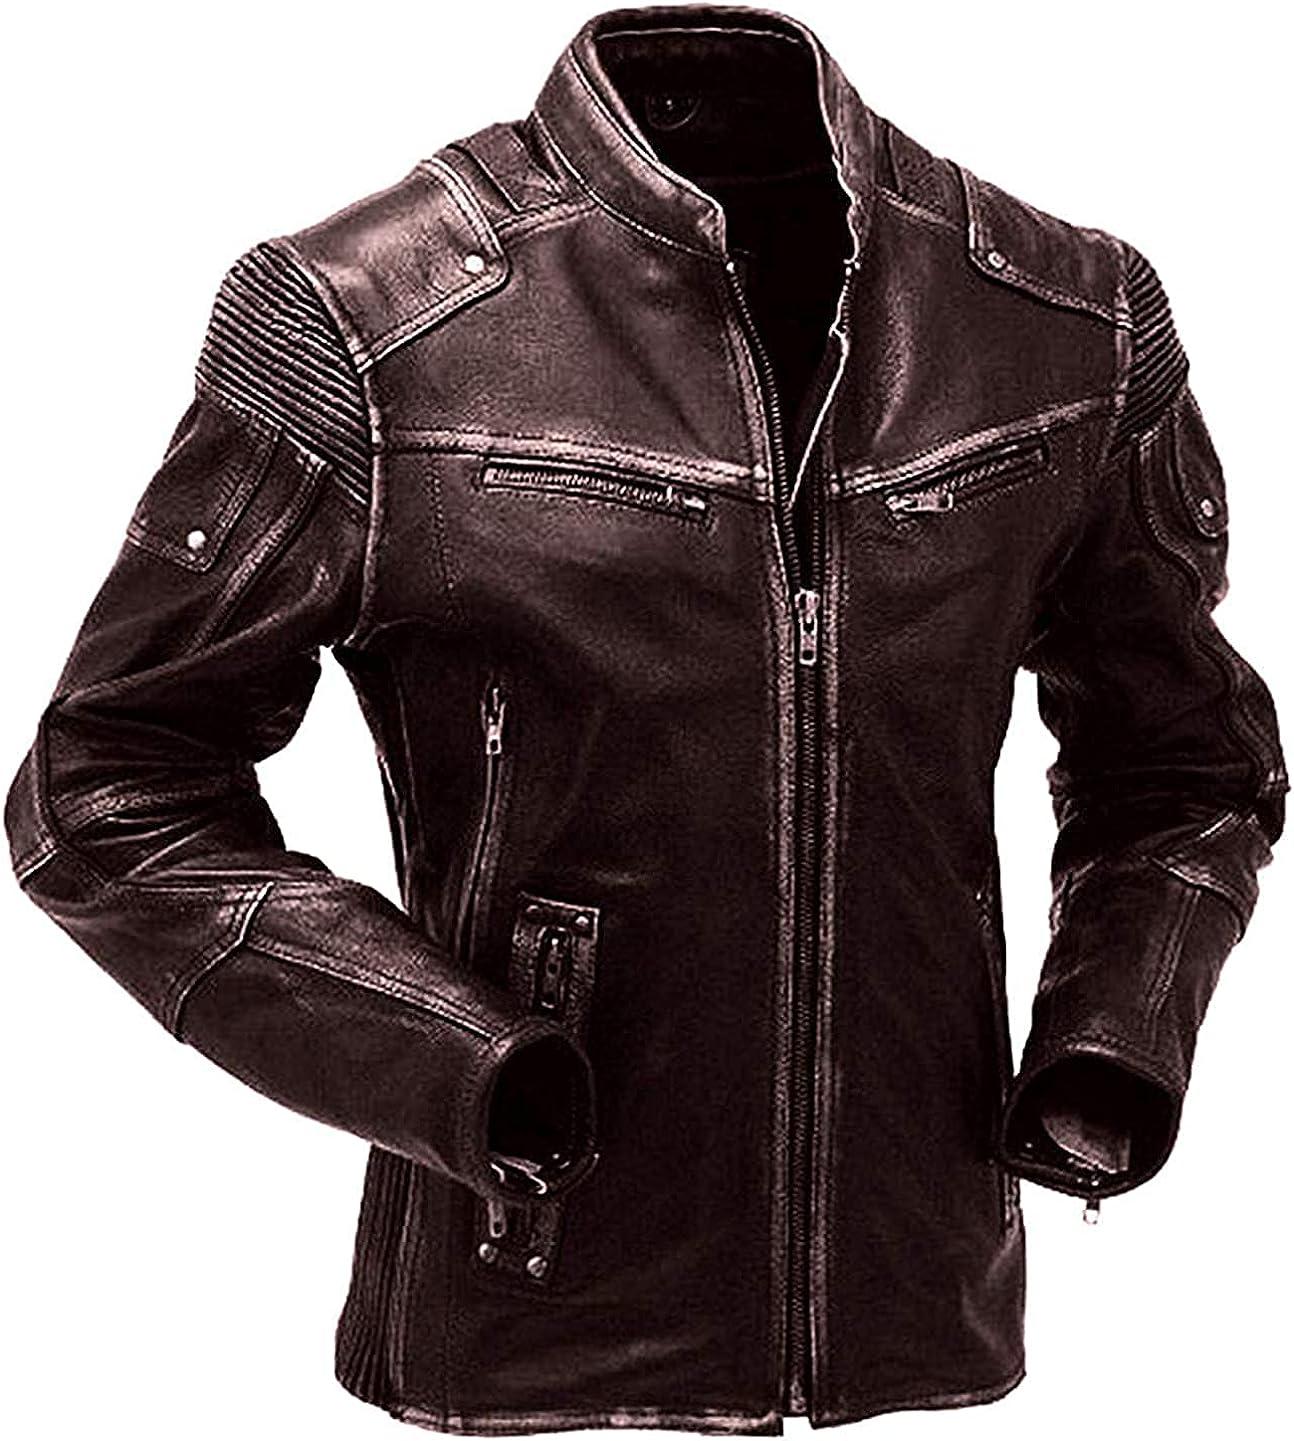 Cafe Racer Men Biker Distressed brown Leather Jacket   Retro Biker Jacket